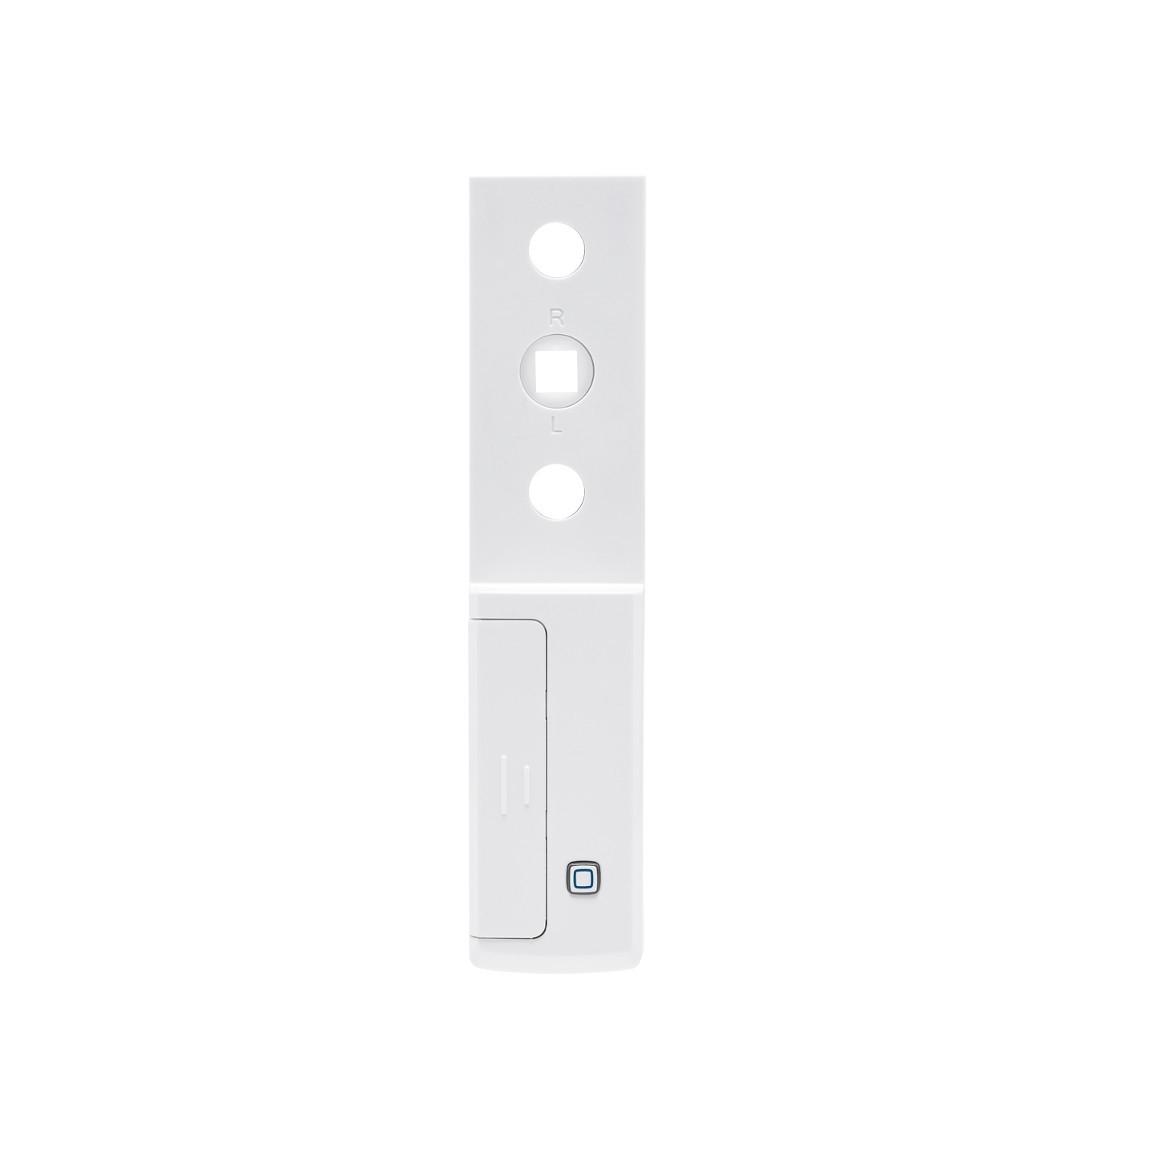 Homematic IP Fenstergriffsensor - weiß